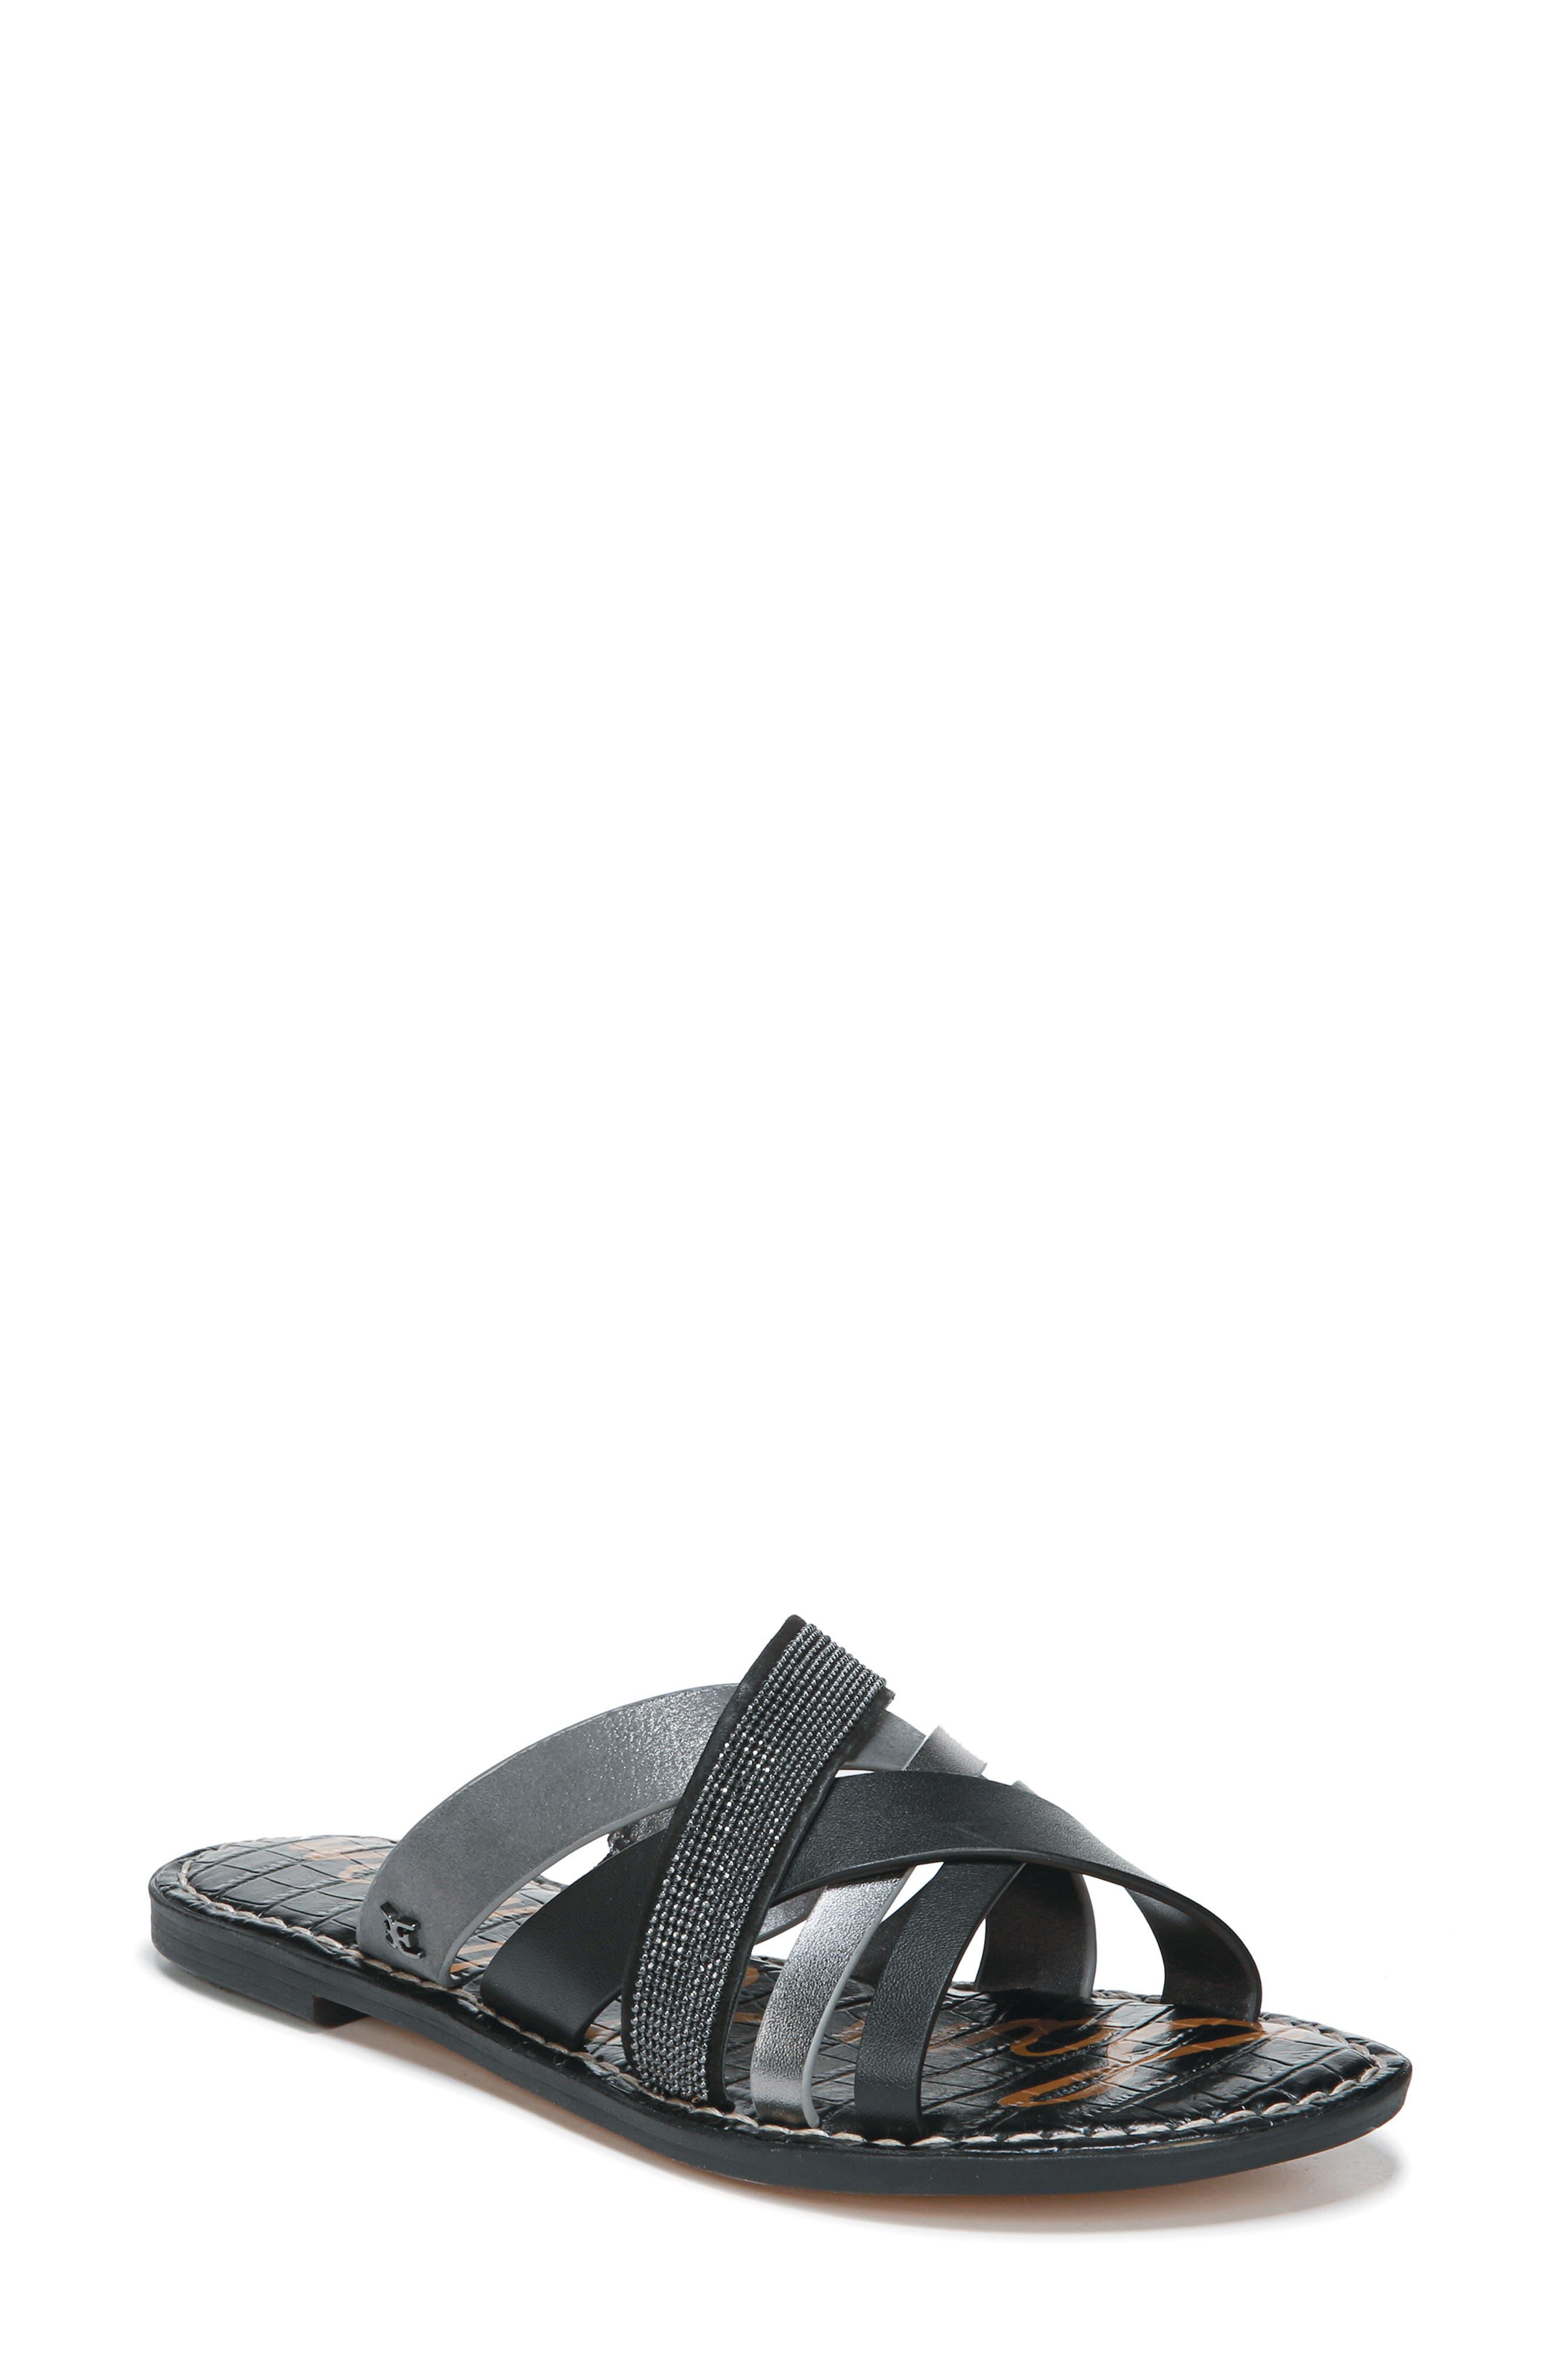 Glennia Slide Sandal,                             Main thumbnail 1, color,                             DARK PEWTER/ BLACK LEATHER